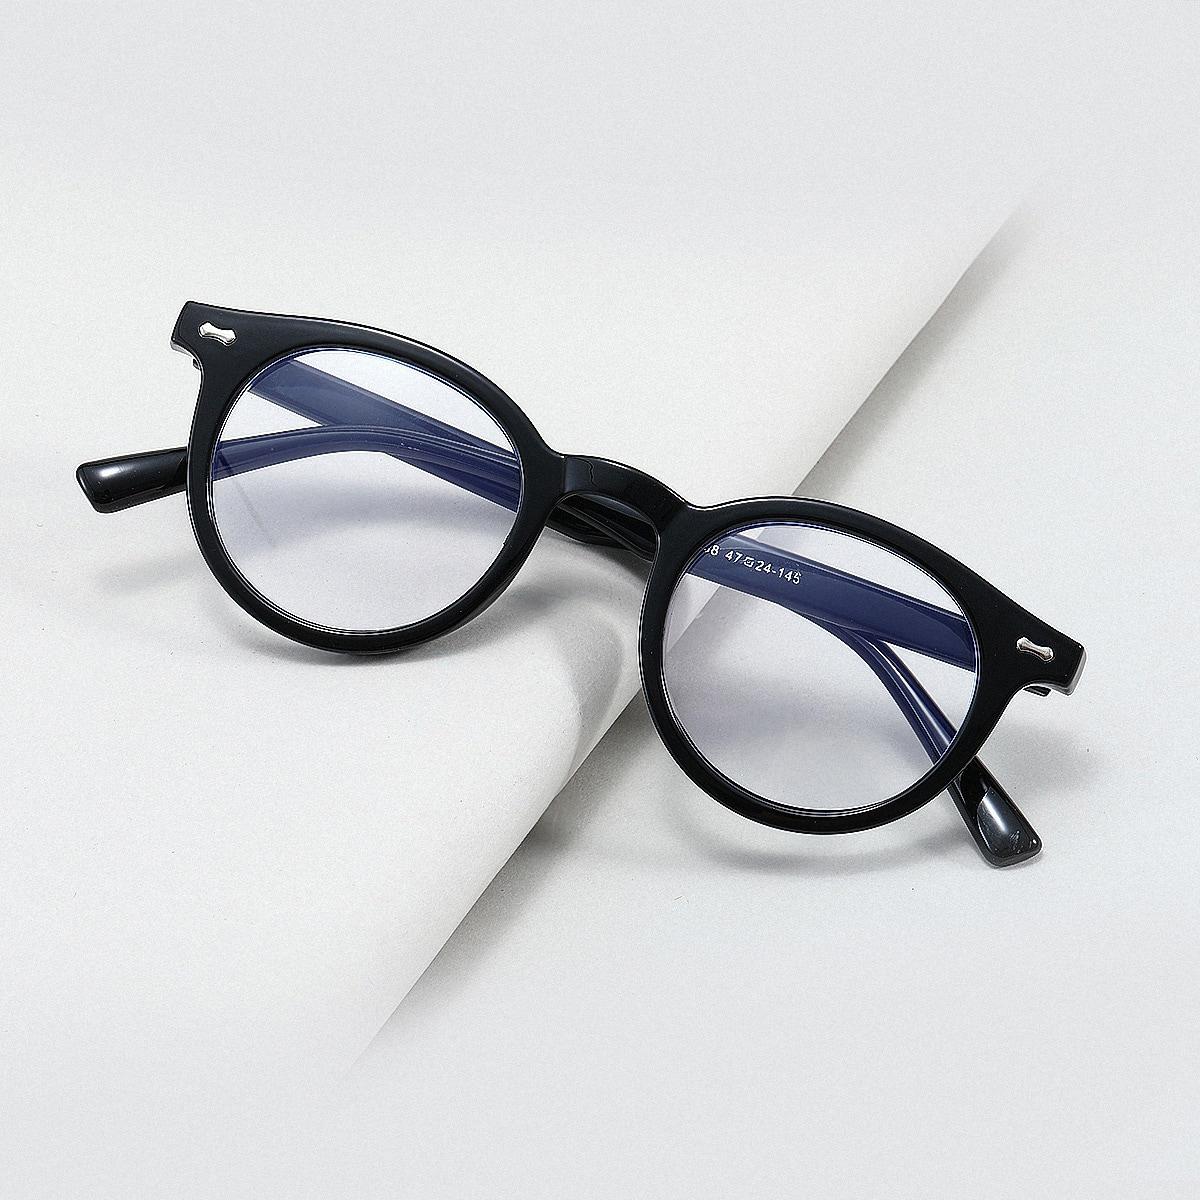 shein Mannen anti-blauw licht bril